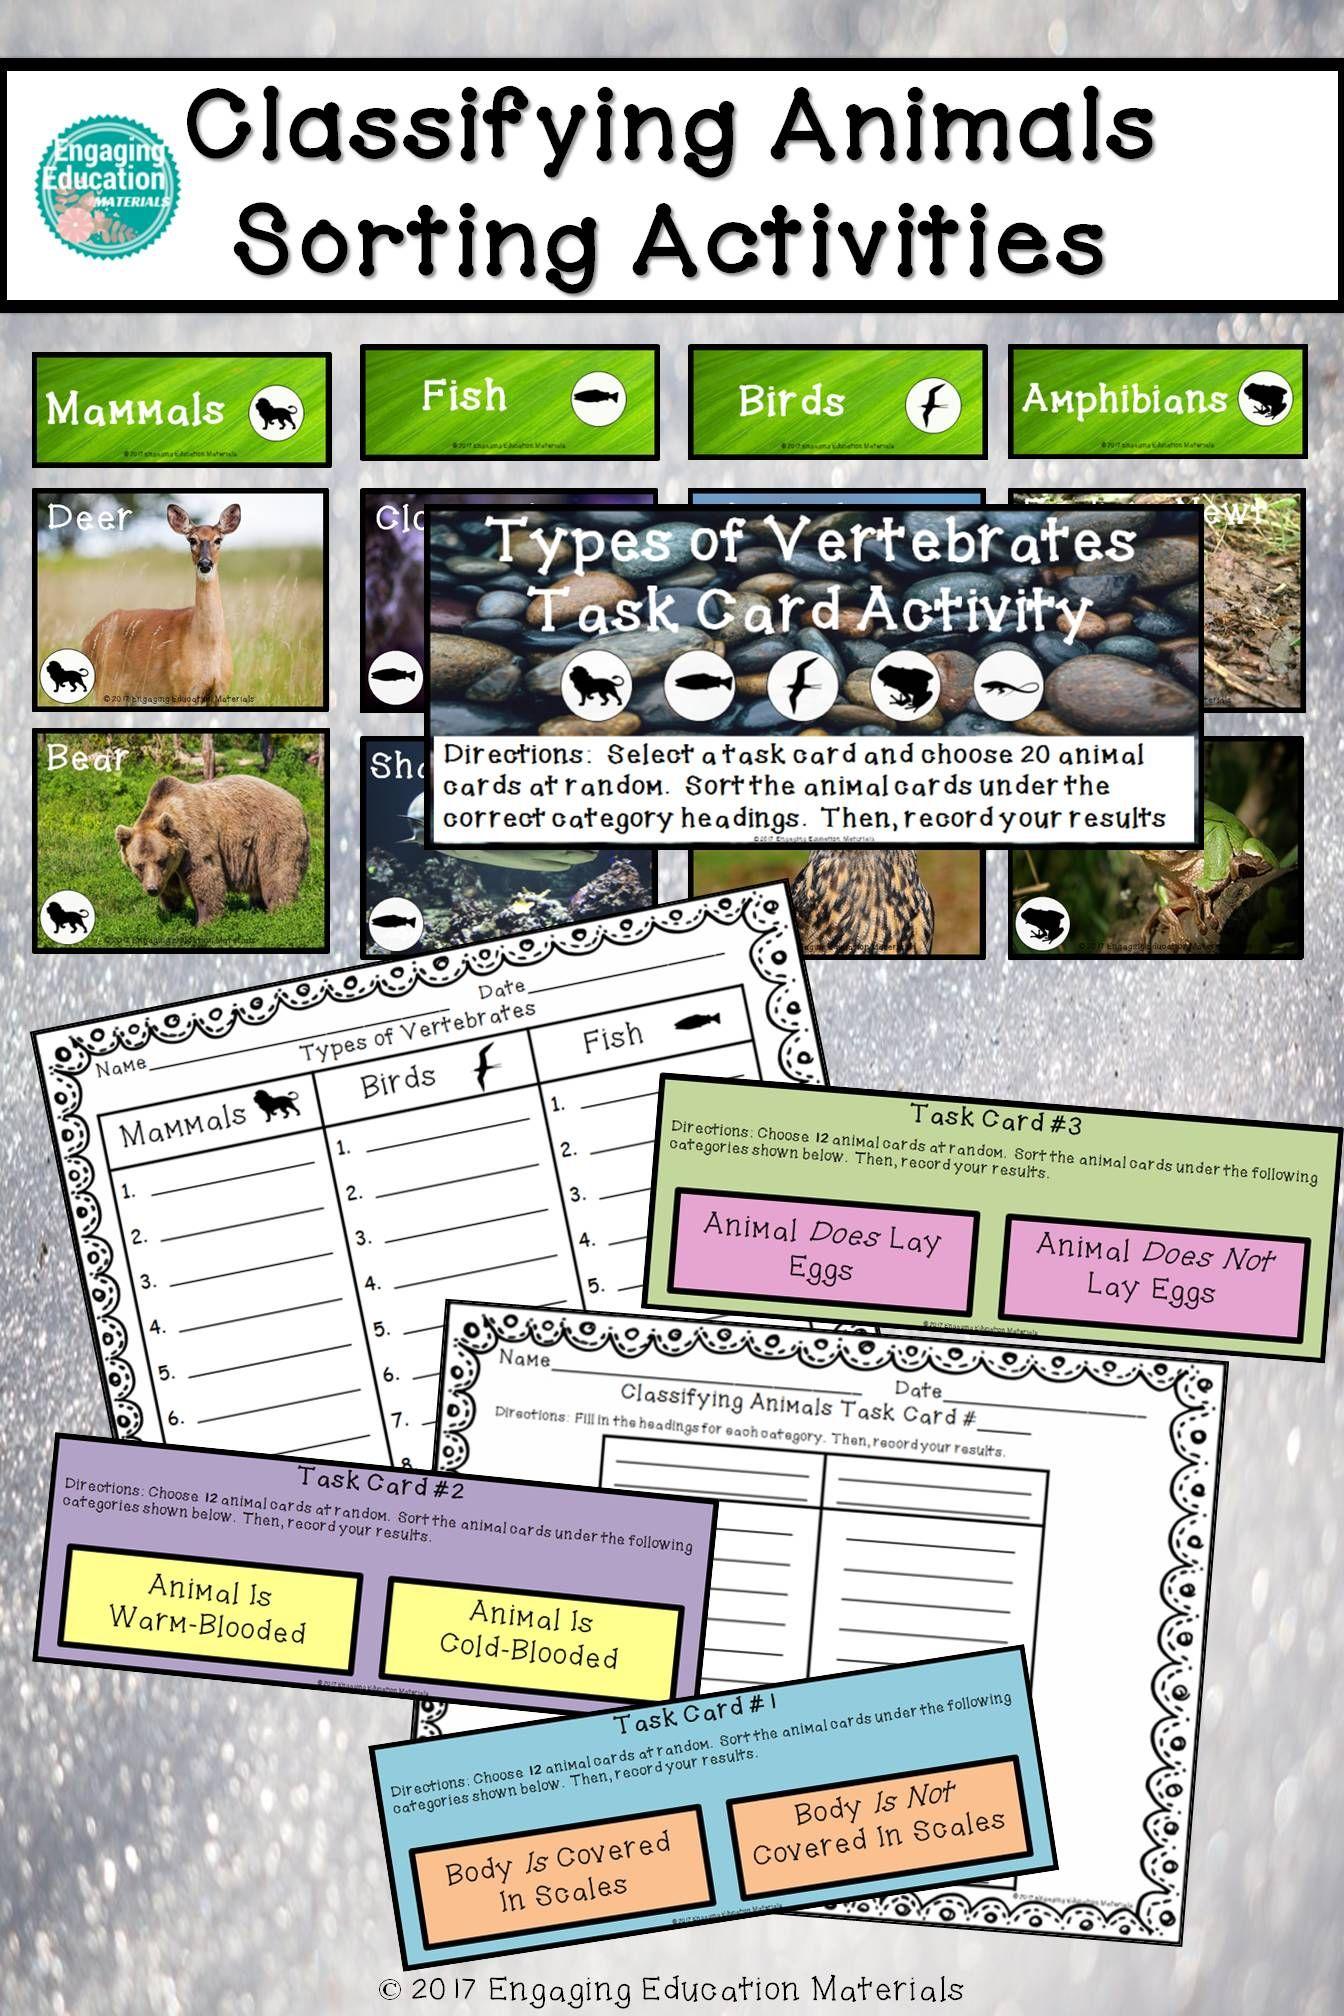 Classifying Animals Sorting Activities